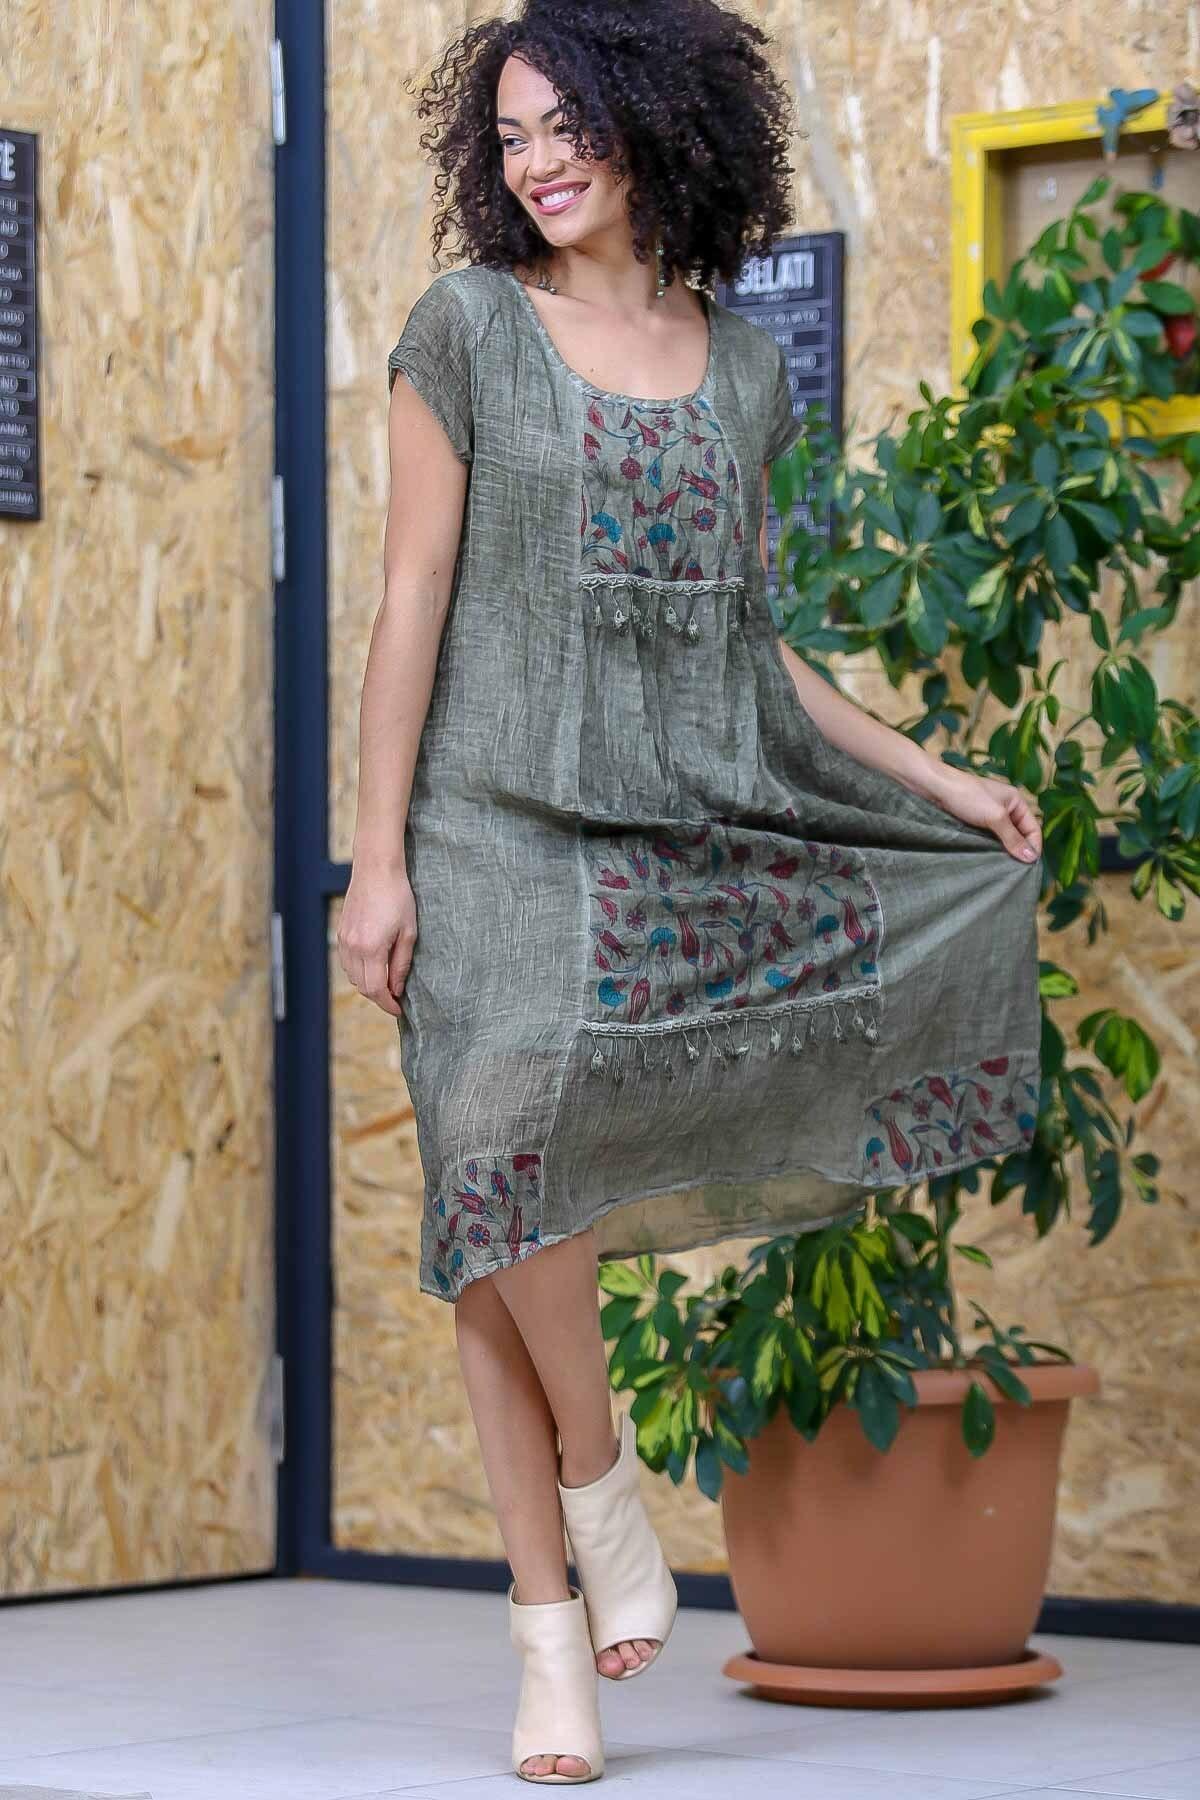 Chiccy Kadın Yeşil Bohem Tülbent Detaylı Saçaklı Yıkamalı Elbise M10160000EL97063 2